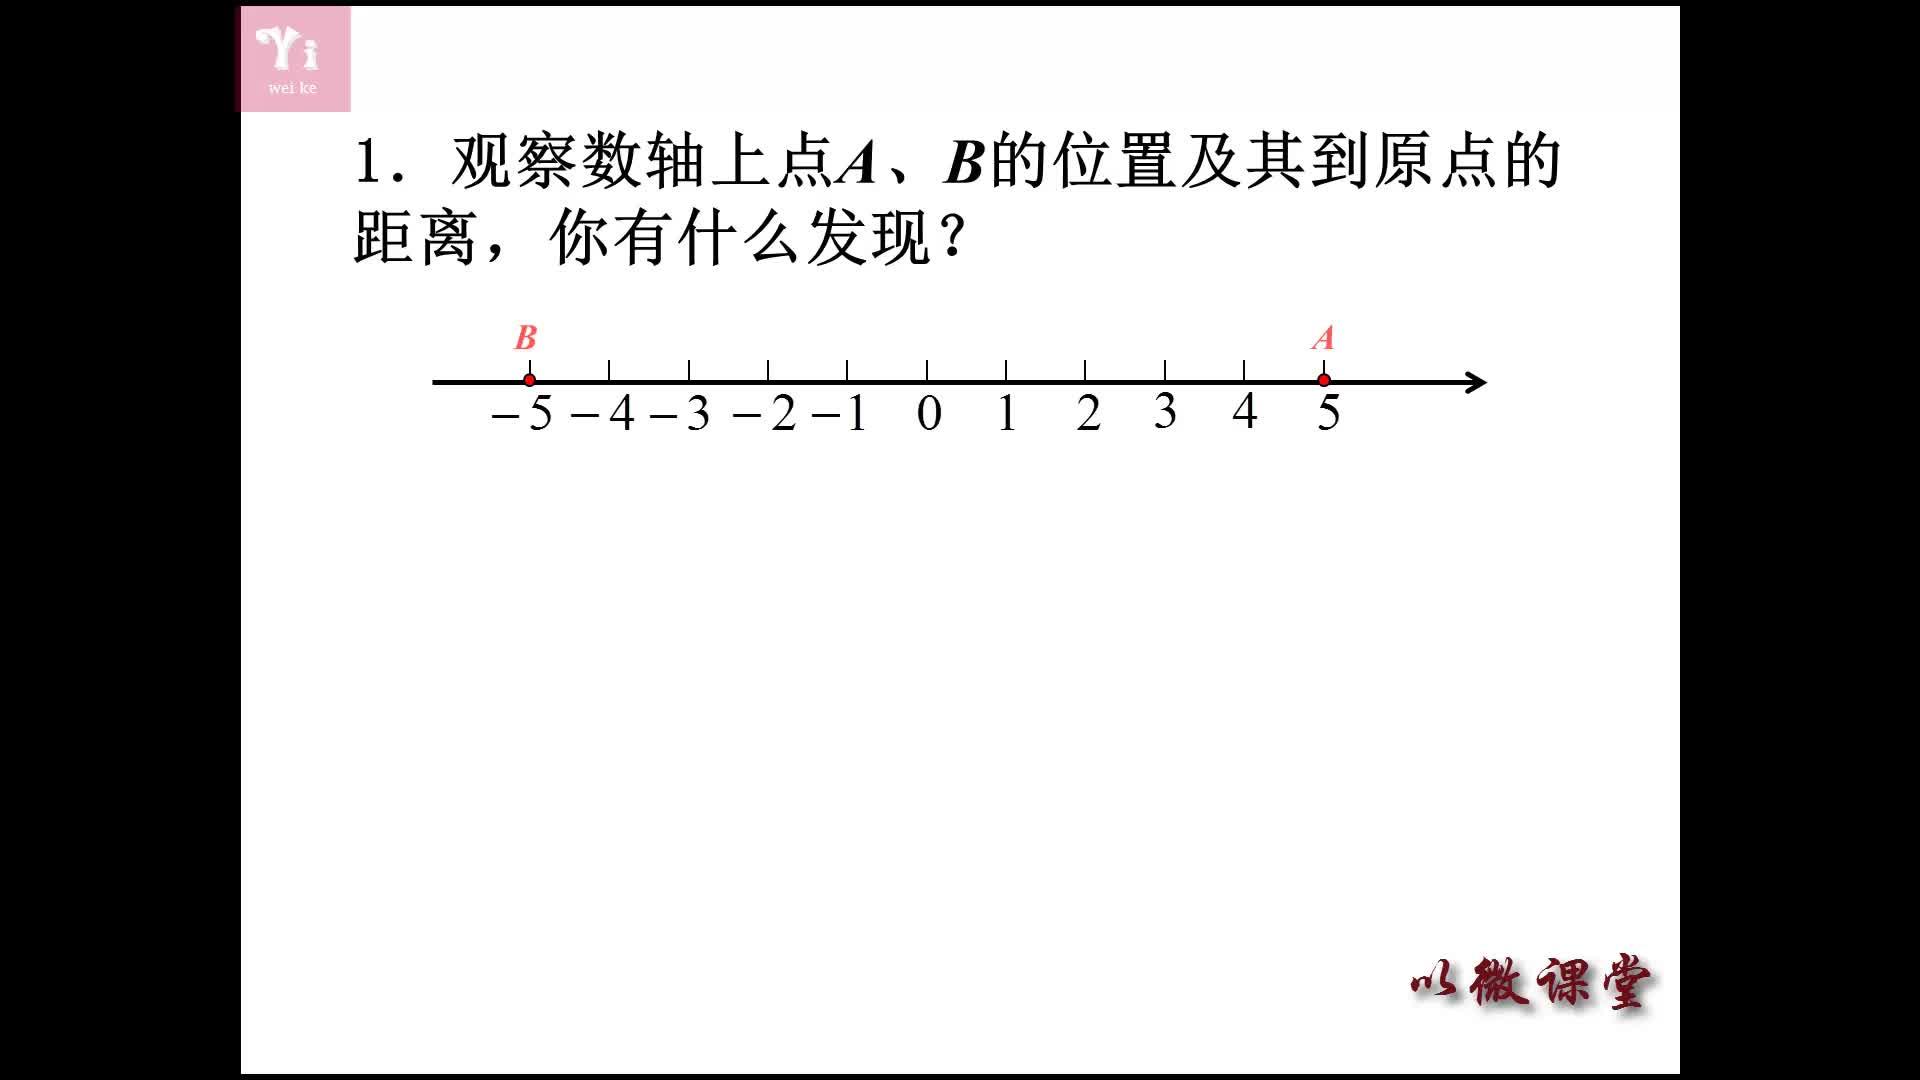 苏科版 七年级数学上册 第二章 有理数 2.4 绝对值与相反数(2)-以微课堂 苏科版 七年级数学上册 第二章 有理数 2.4 绝对值与相反数(2)-以微课堂 苏科版 七年级数学上册 第二章 有理数 2.4 绝对值与相反数(2)-以微课堂 [来自e网通客户端]